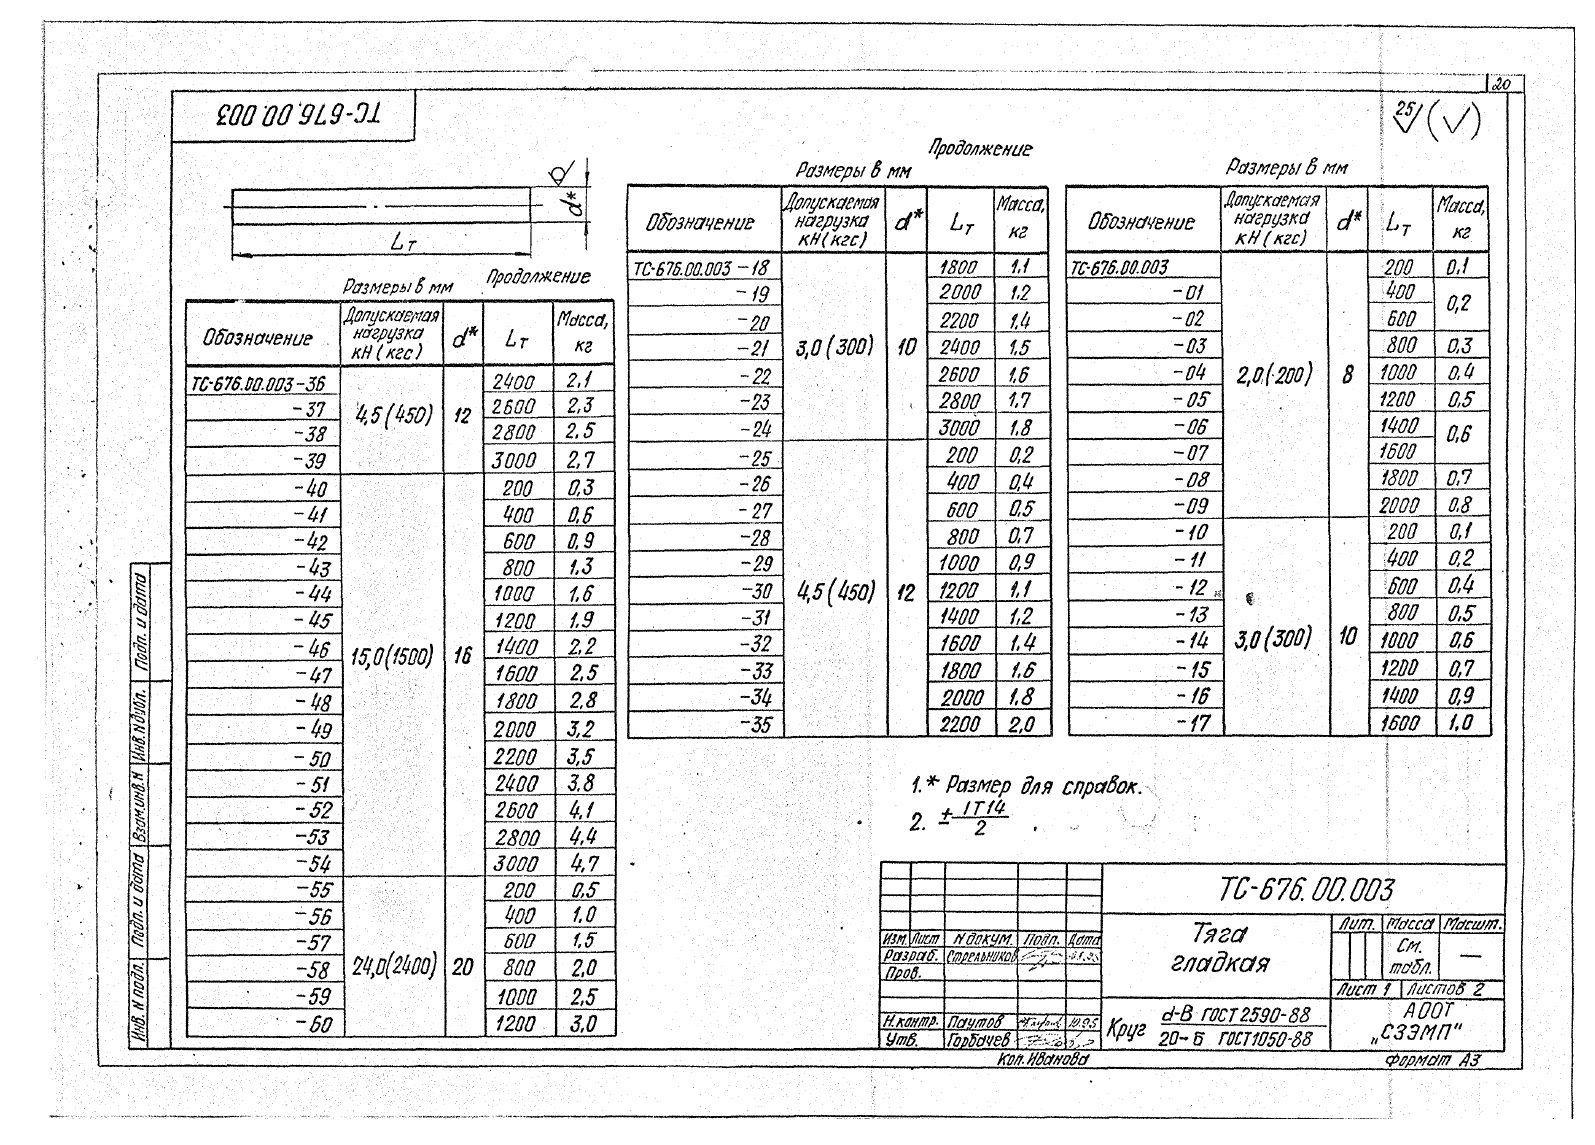 Подвески жесткие Дн 25-45 ТС-676 с.5.903-13 вып.6-95 стр.5